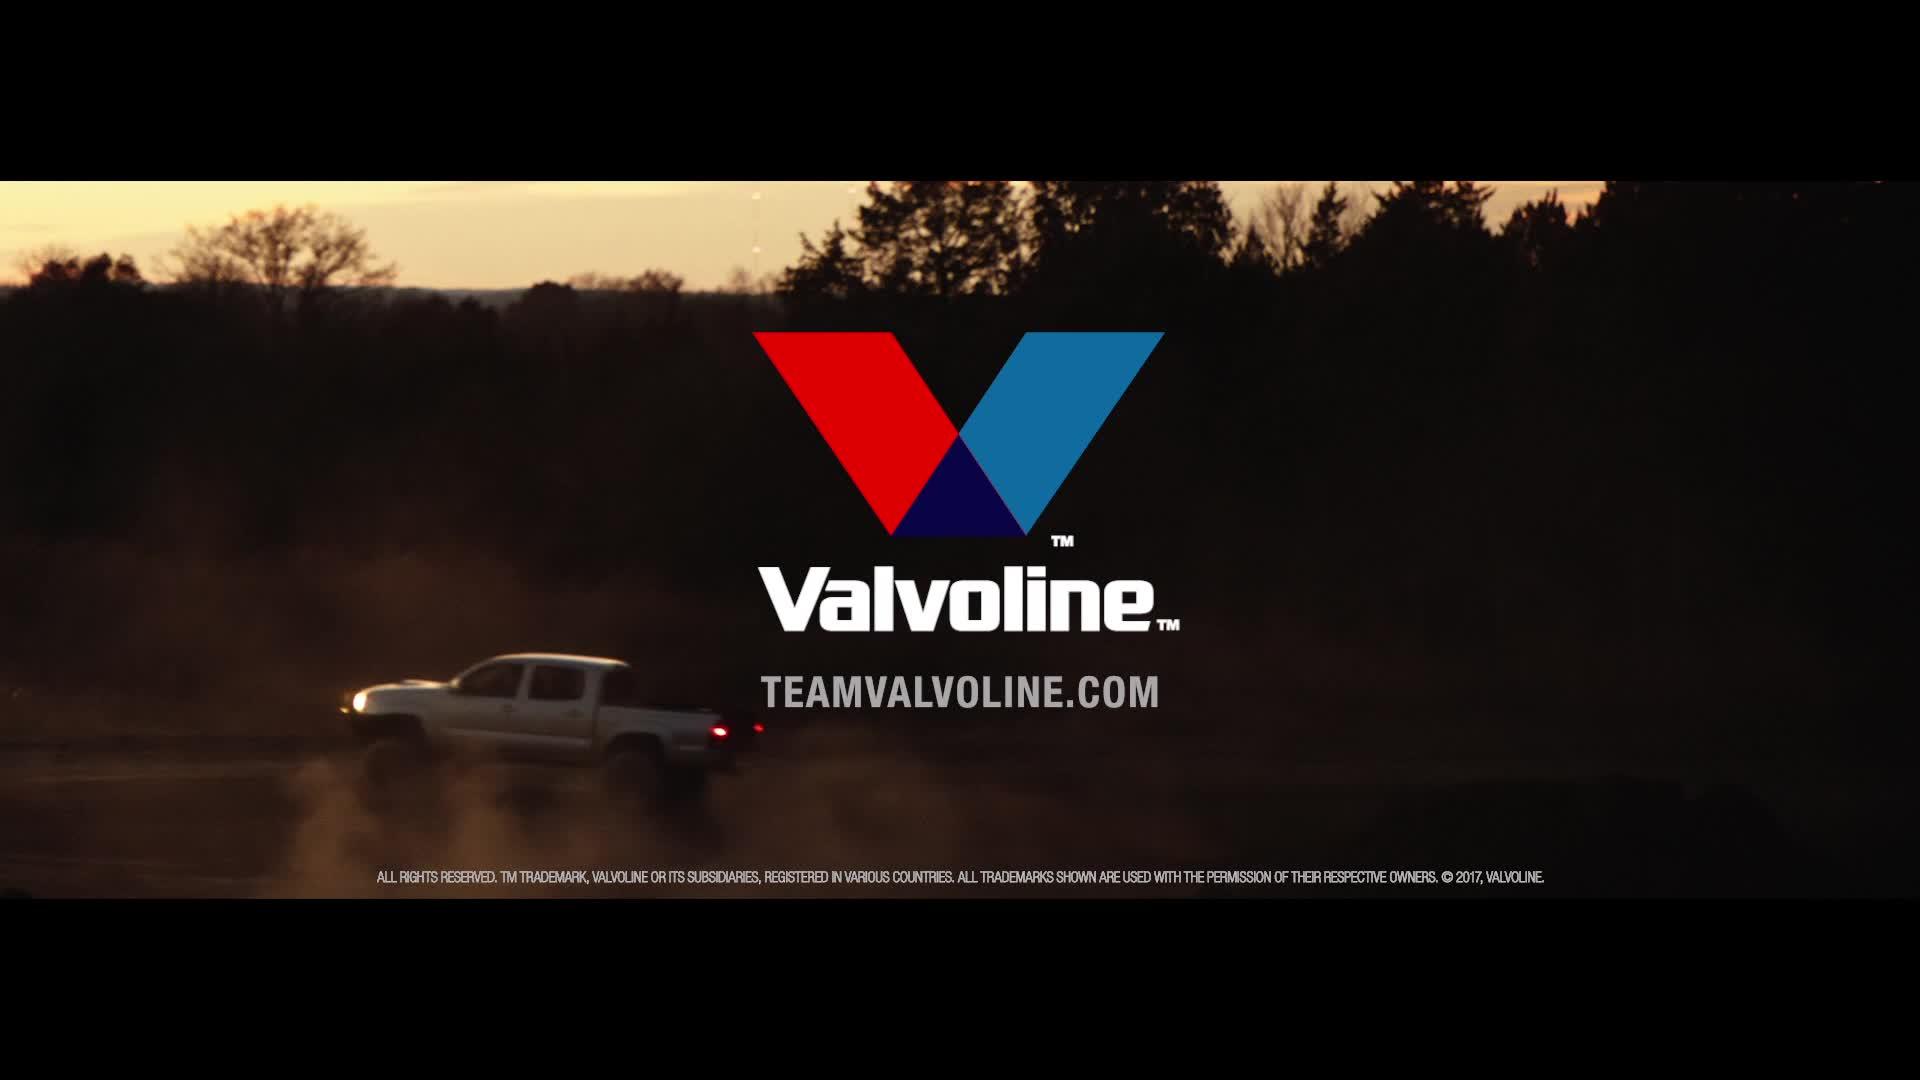 Valvoline National Commercial from Omar Lagudali 1920x1080